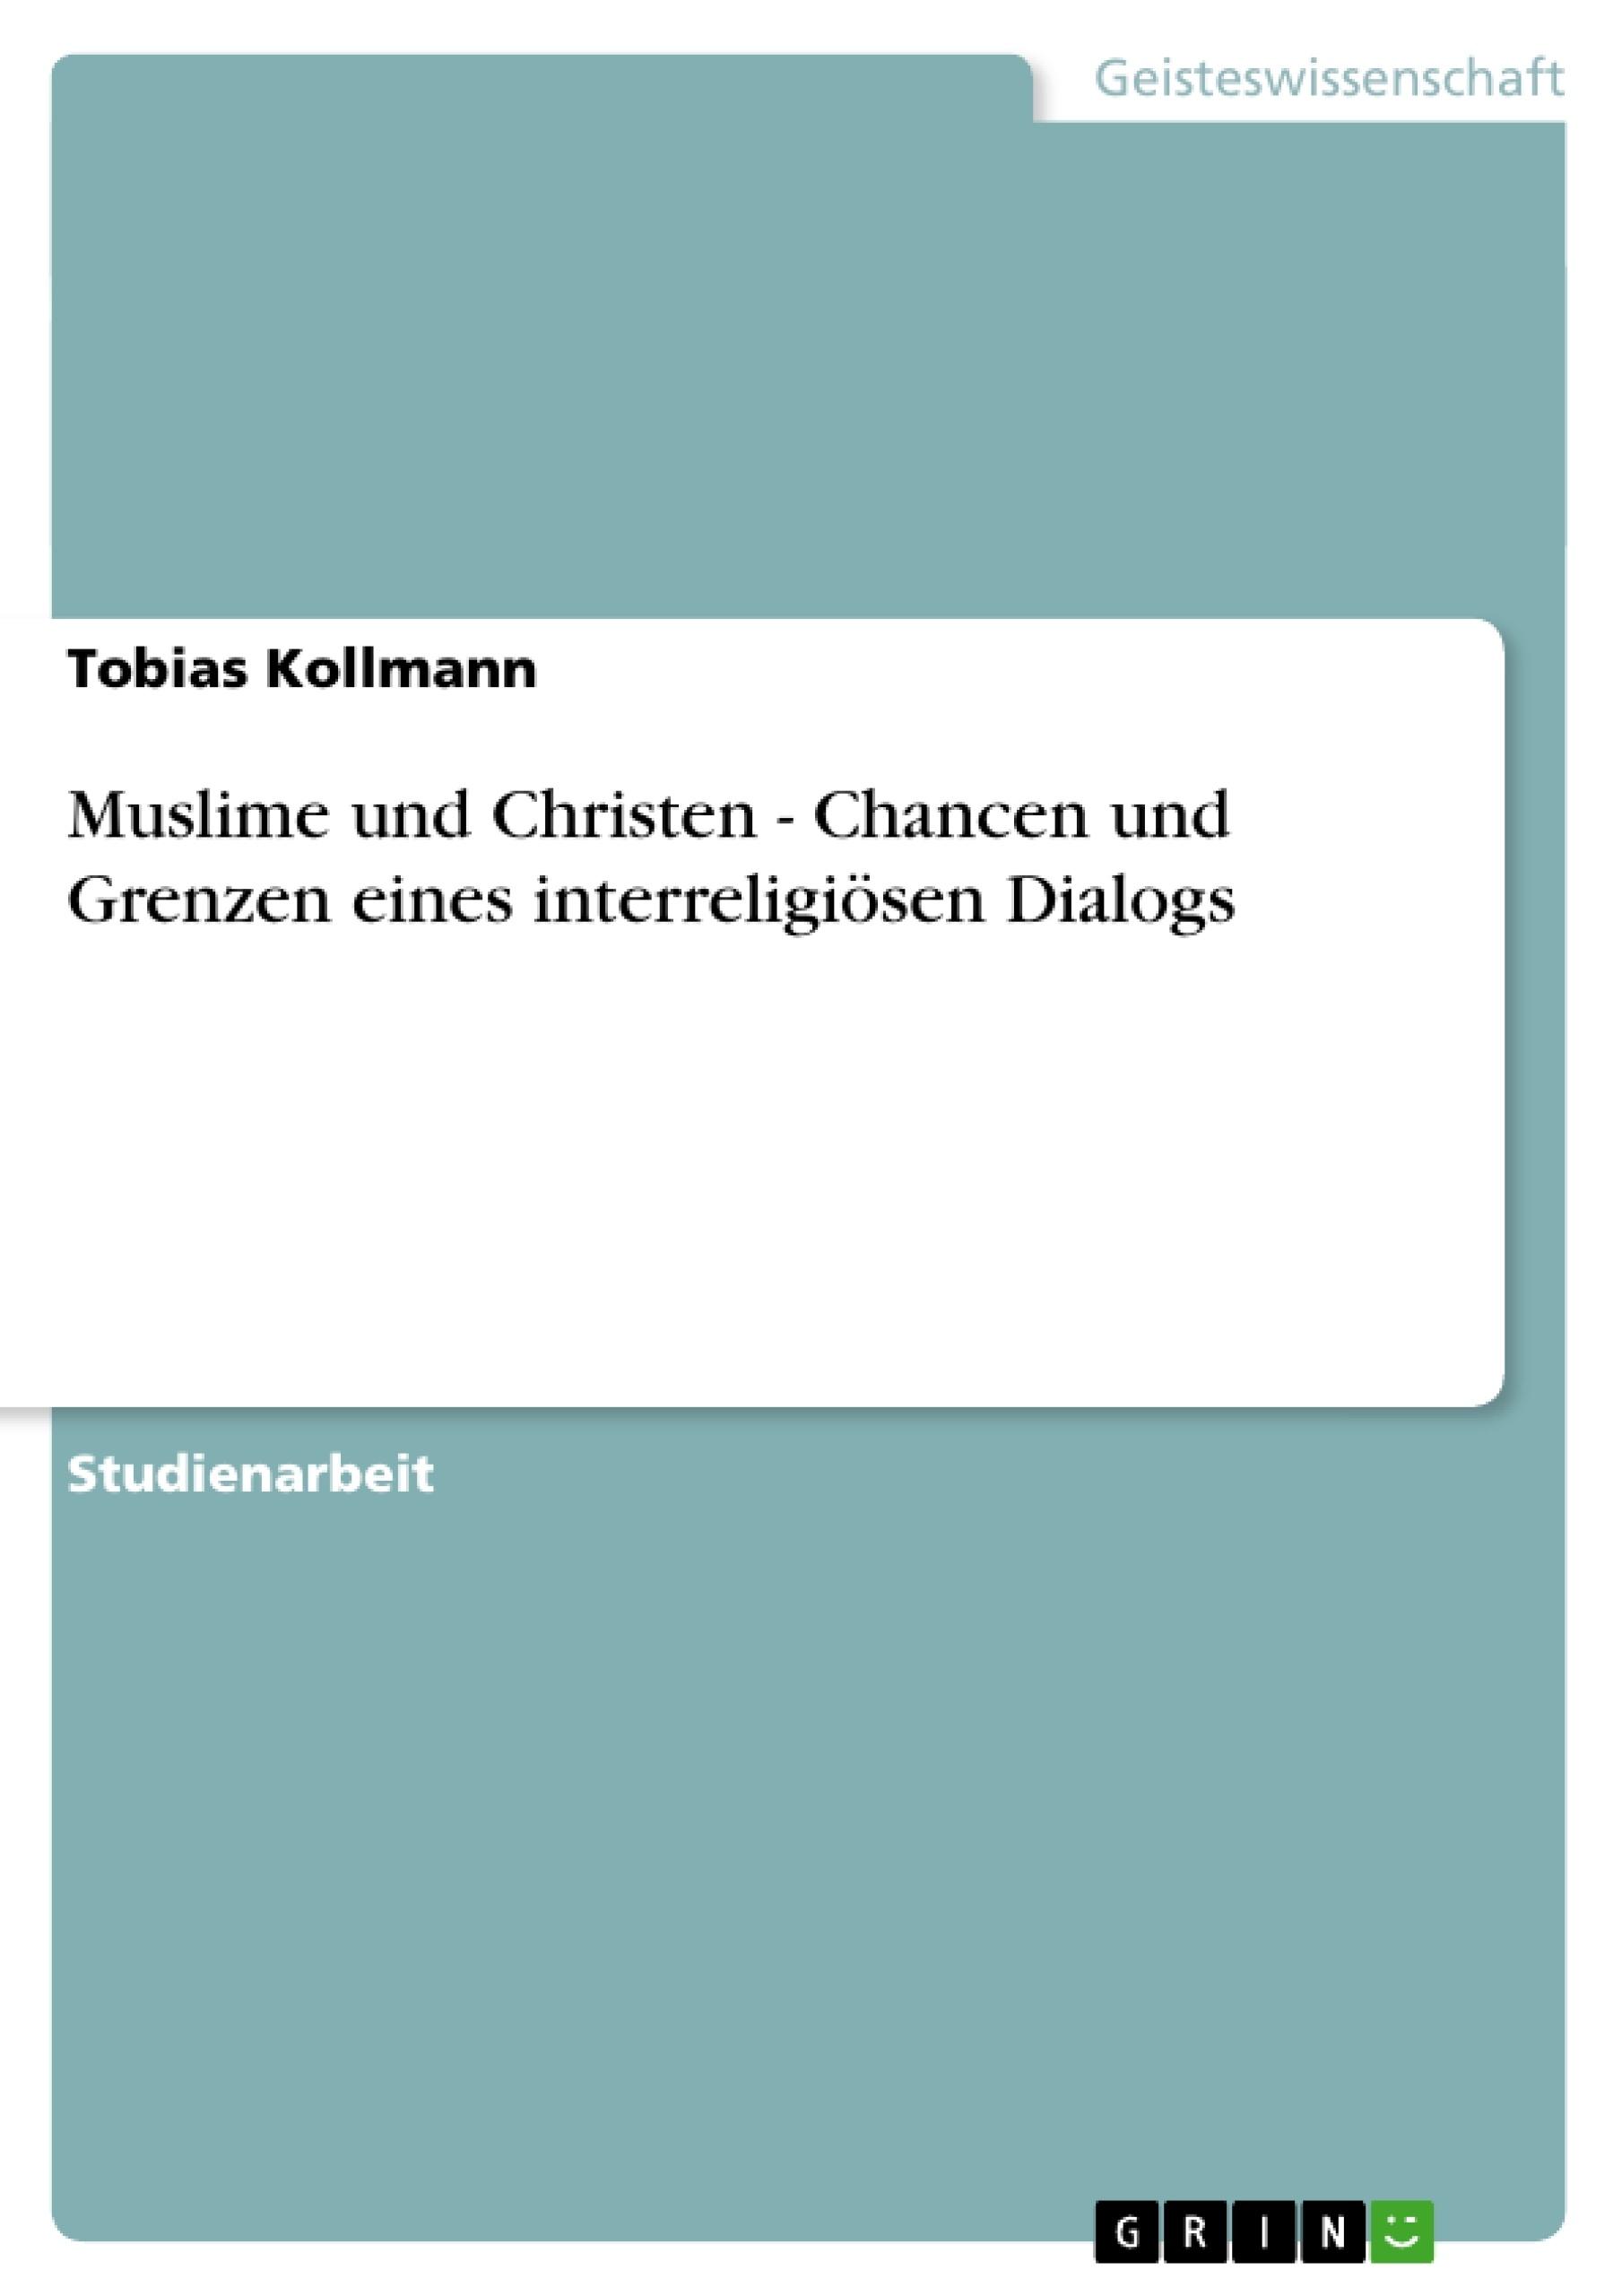 Titel: Muslime und Christen - Chancen und Grenzen eines interreligiösen Dialogs